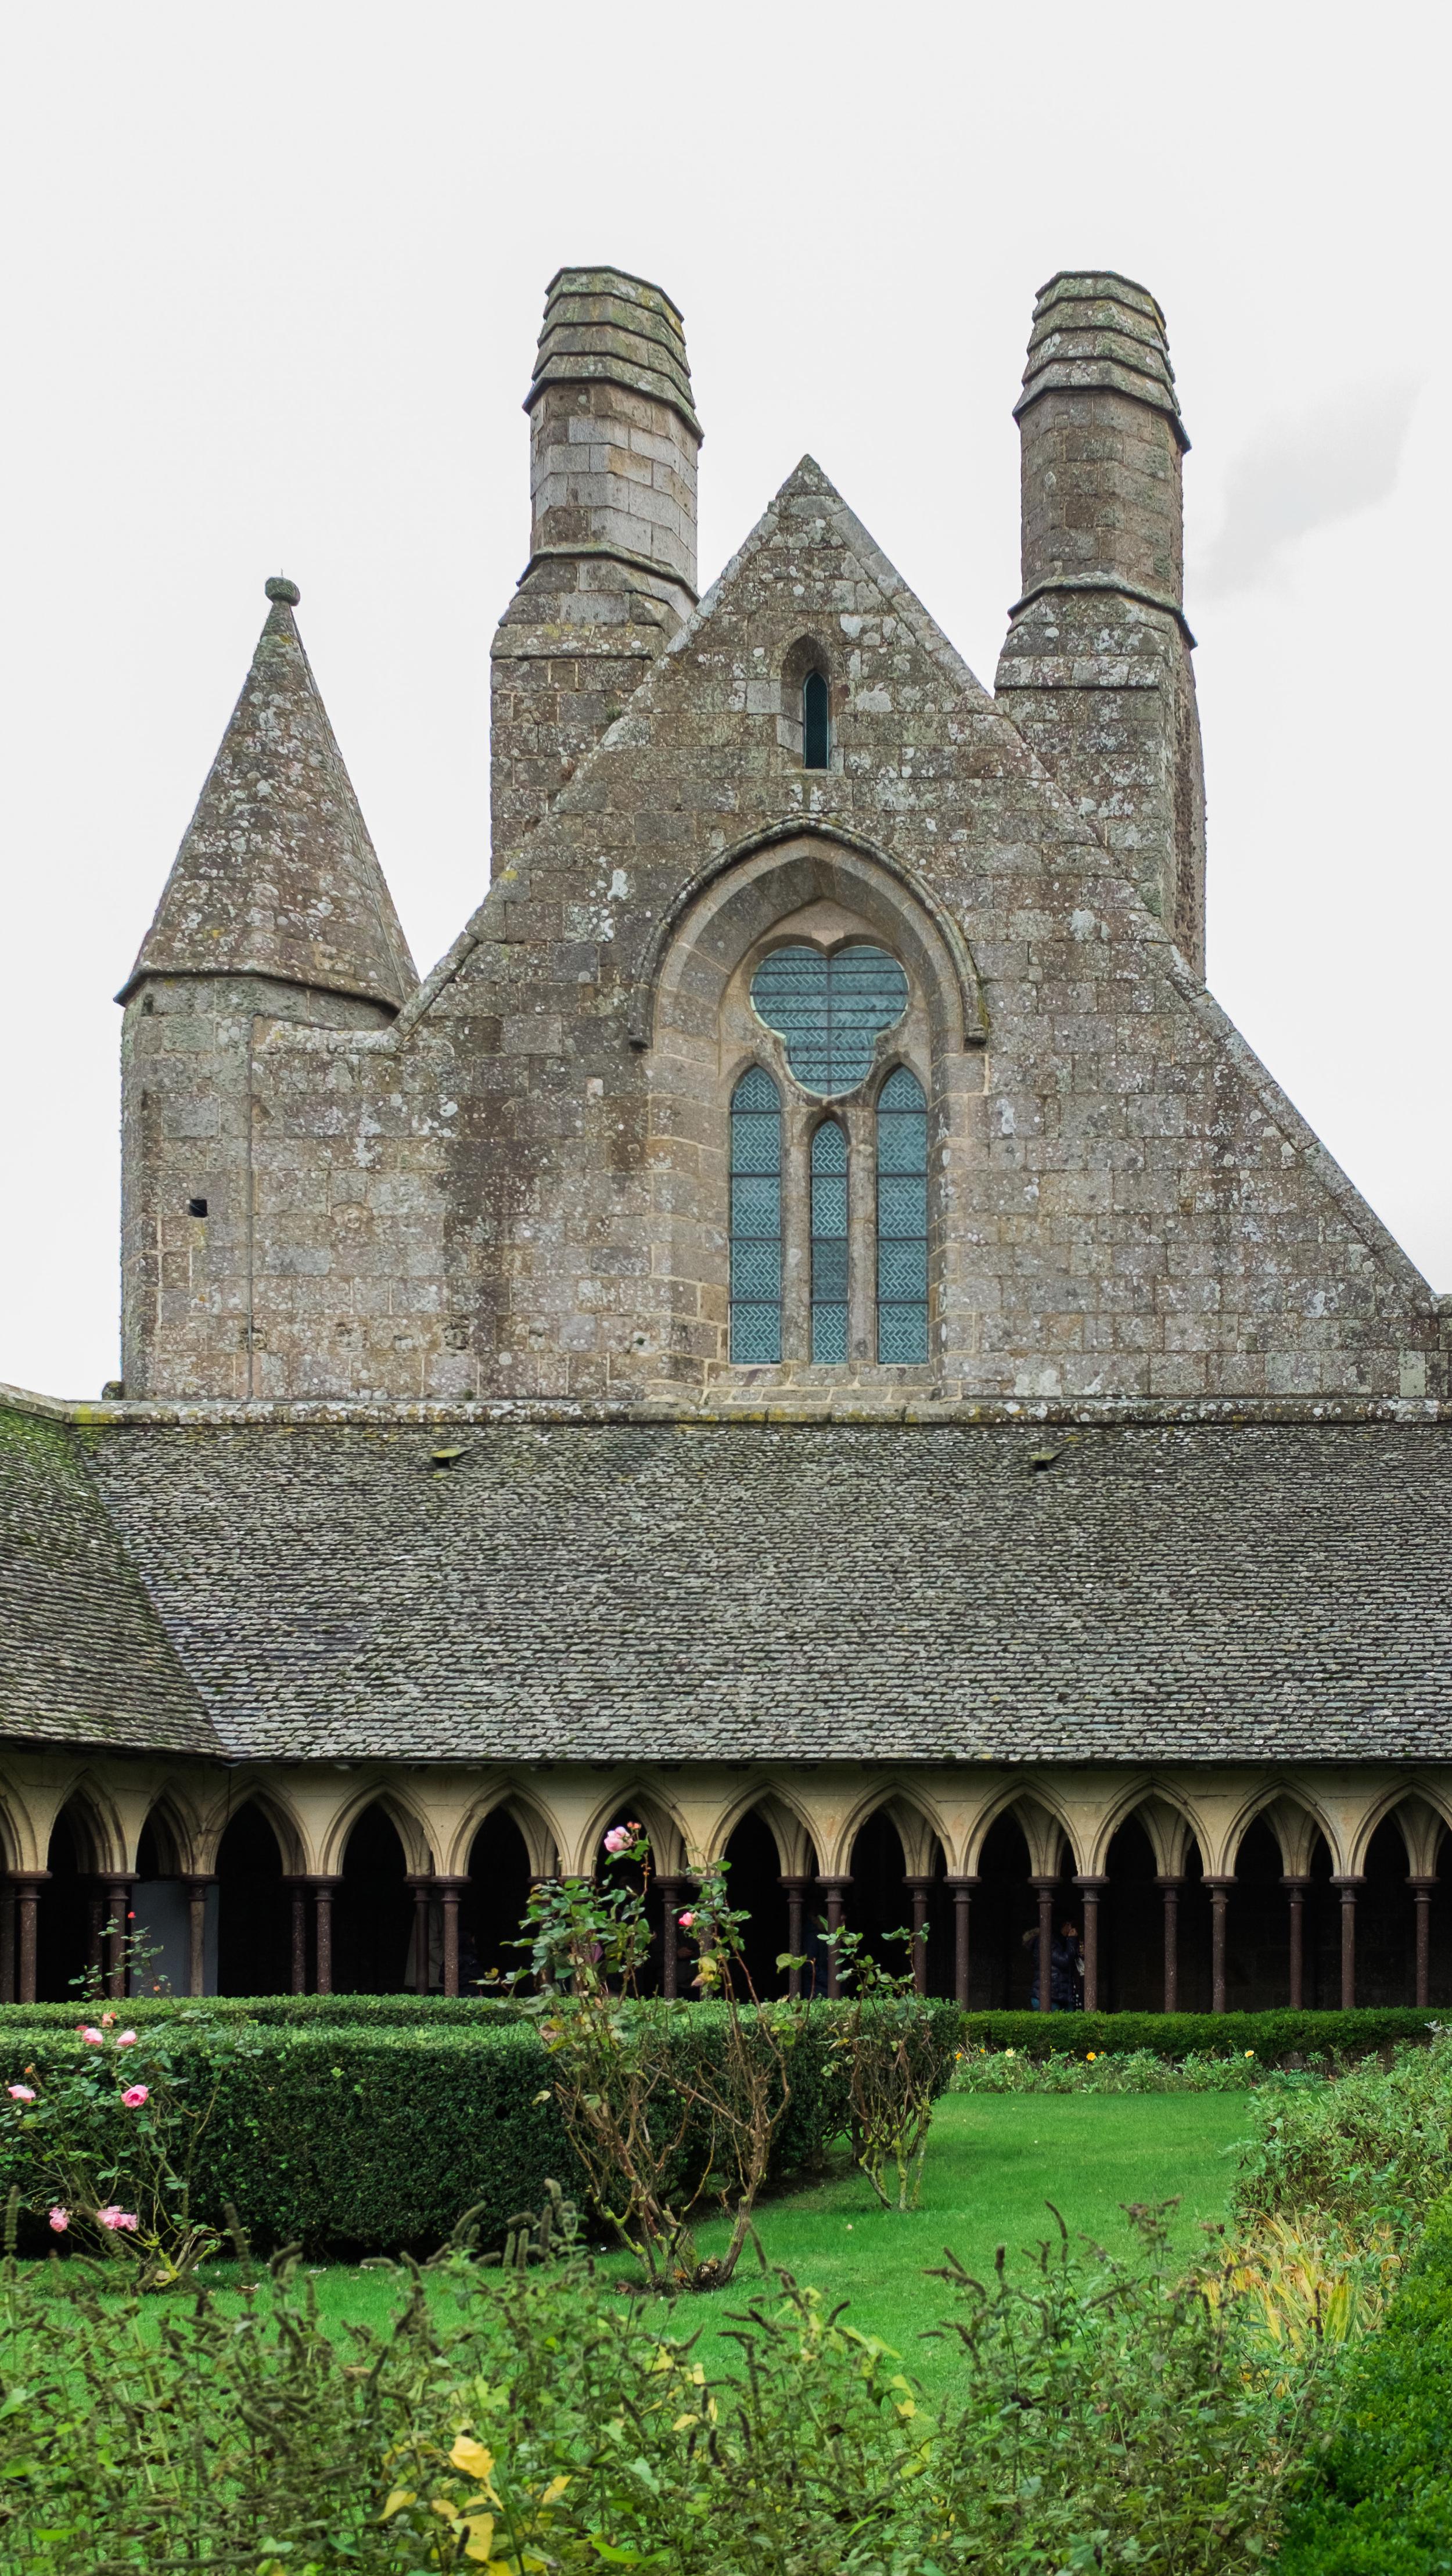 london-britian-cambridge-stmalo-mont-saint-michel-france-normandy-paris-049.jpg